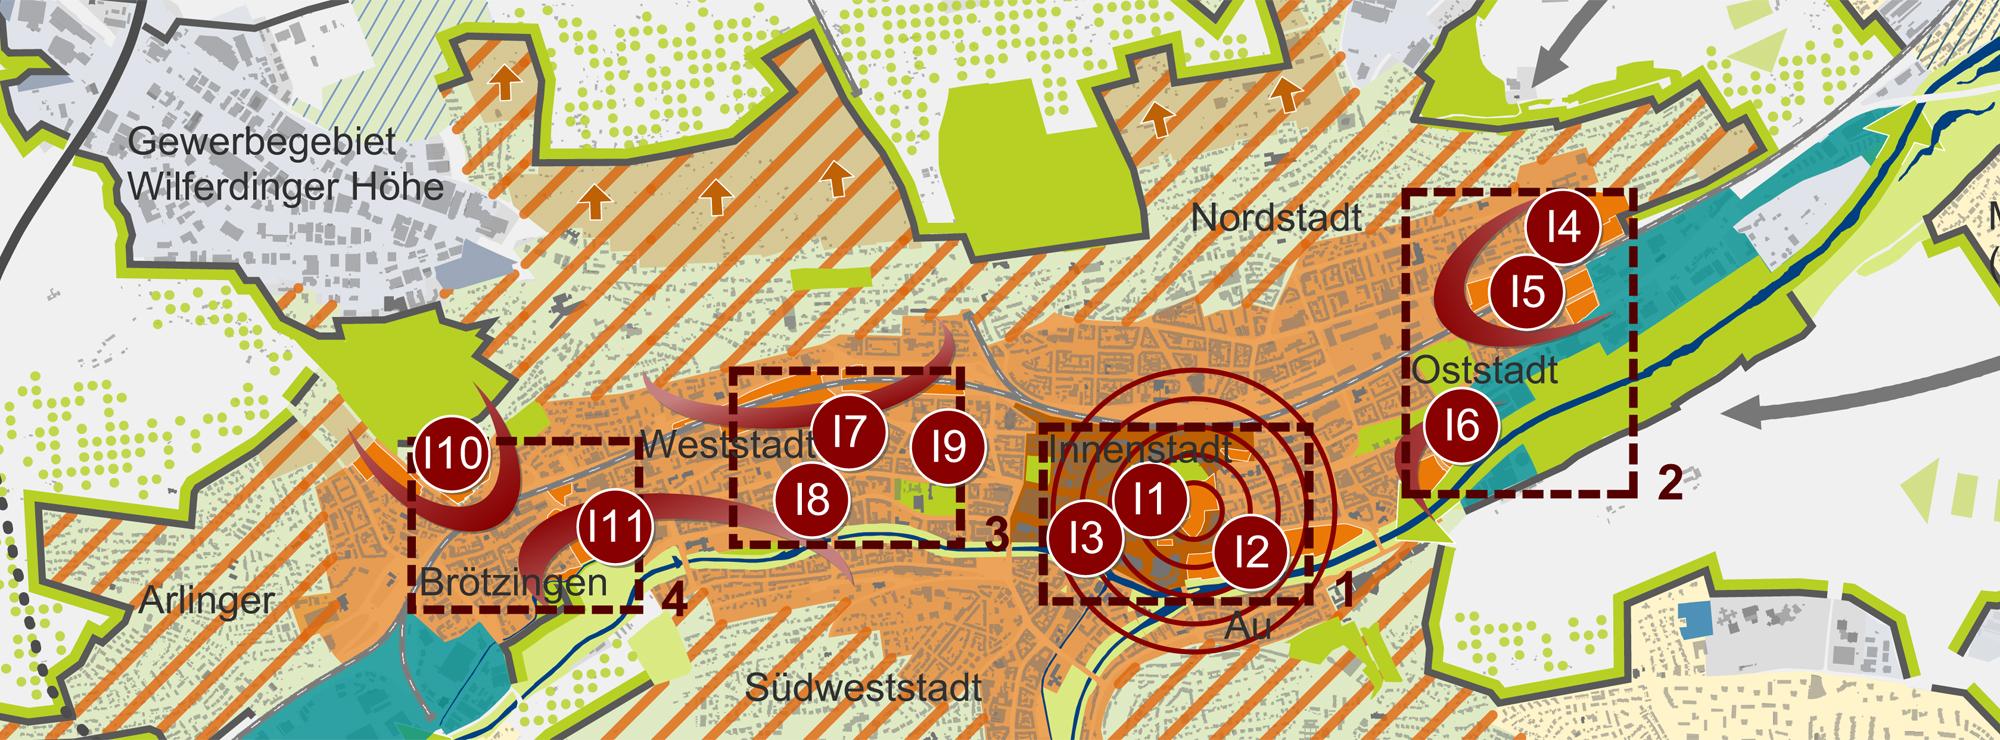 ppas_Pforzheim_Leitbild_Stadtentwicklung_Stadtentwicklungsperspektive